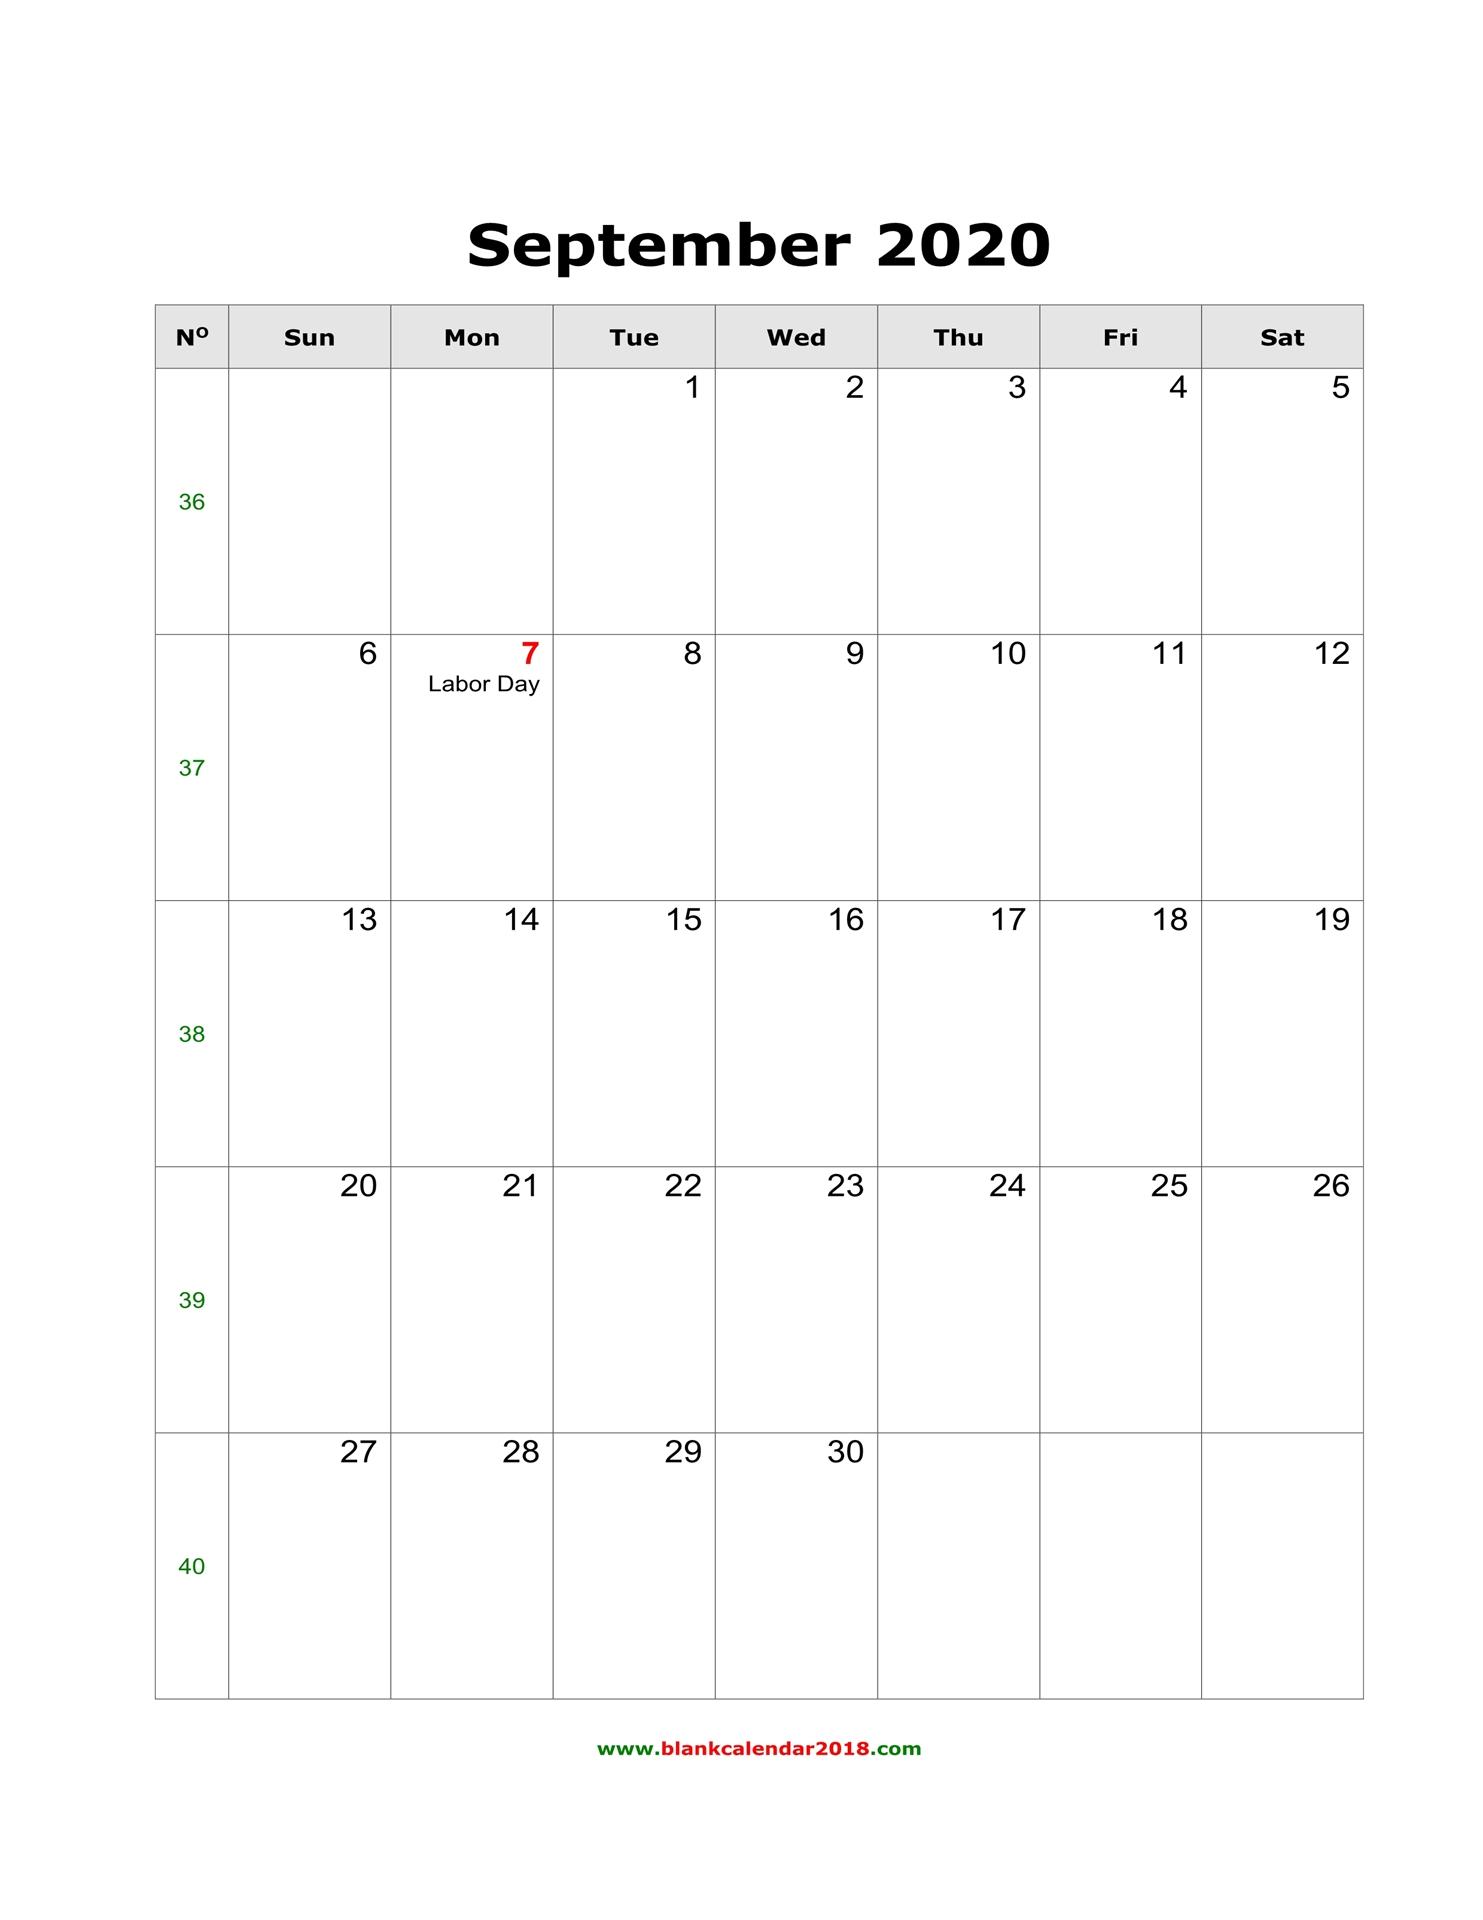 Blank Calendar For September 2020 throughout September Blank Calendar